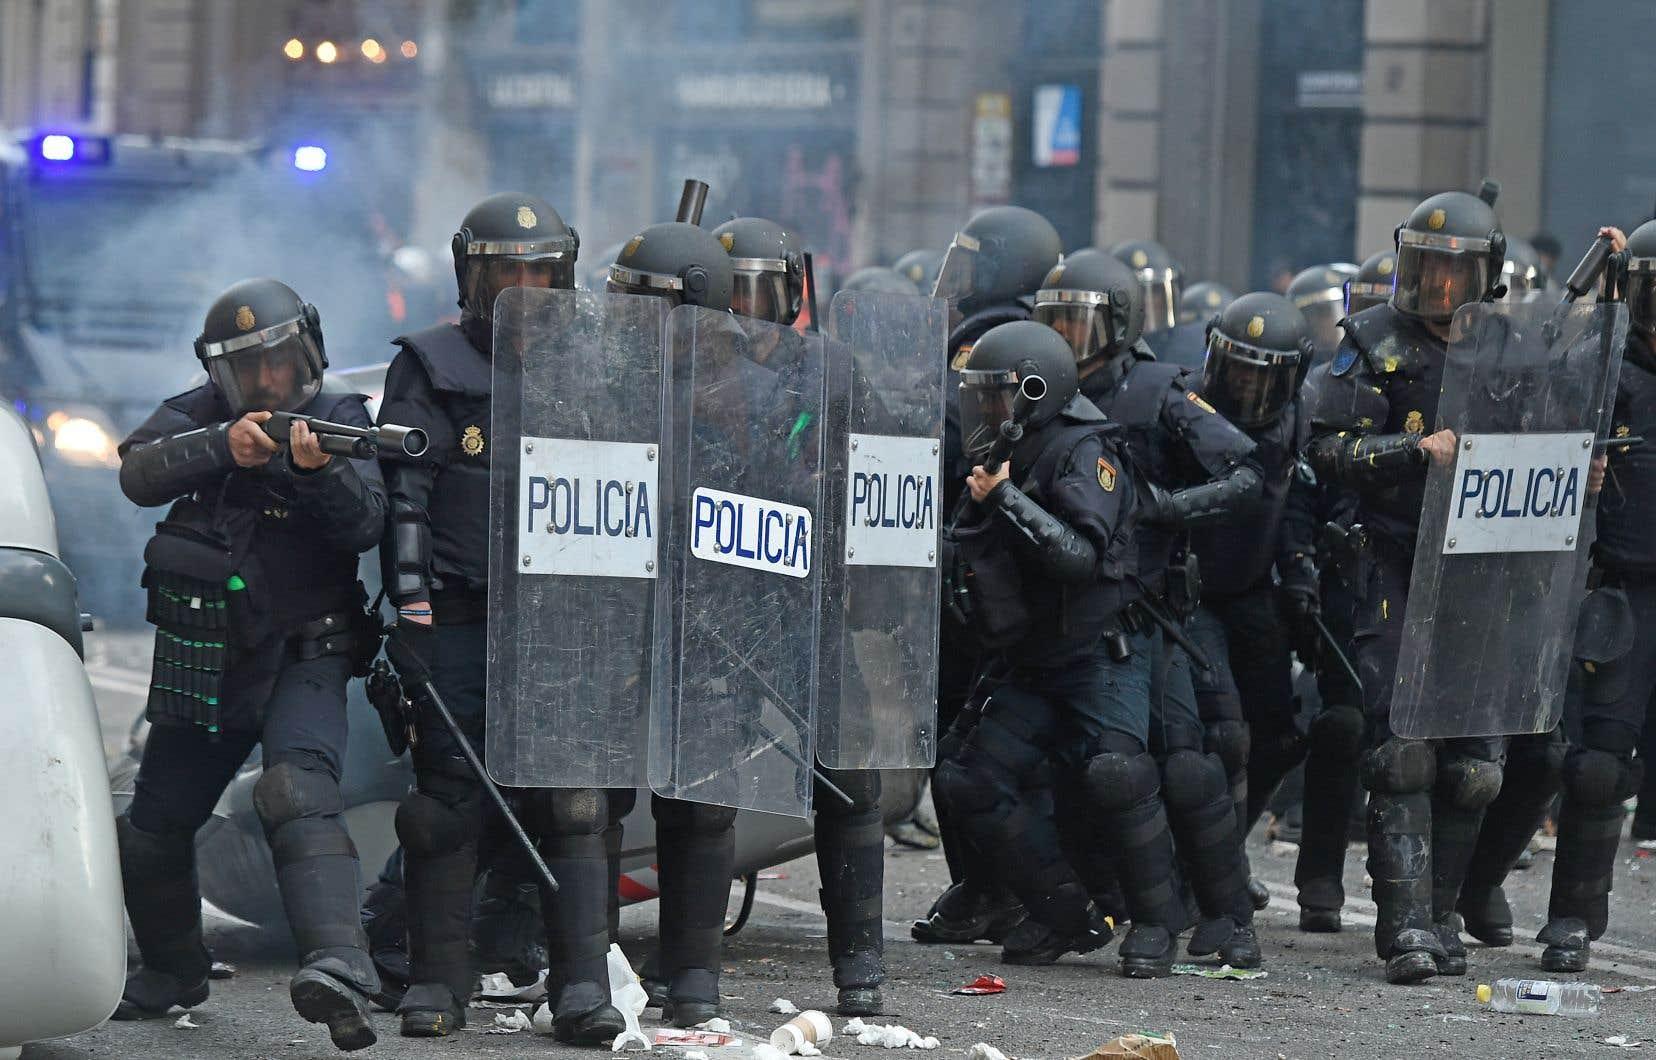 Les policiers antiémeutes ont tiré des balles en caoutchouc et du gaz lacrymogène en réponse à des objets lancés par certains manifestants.